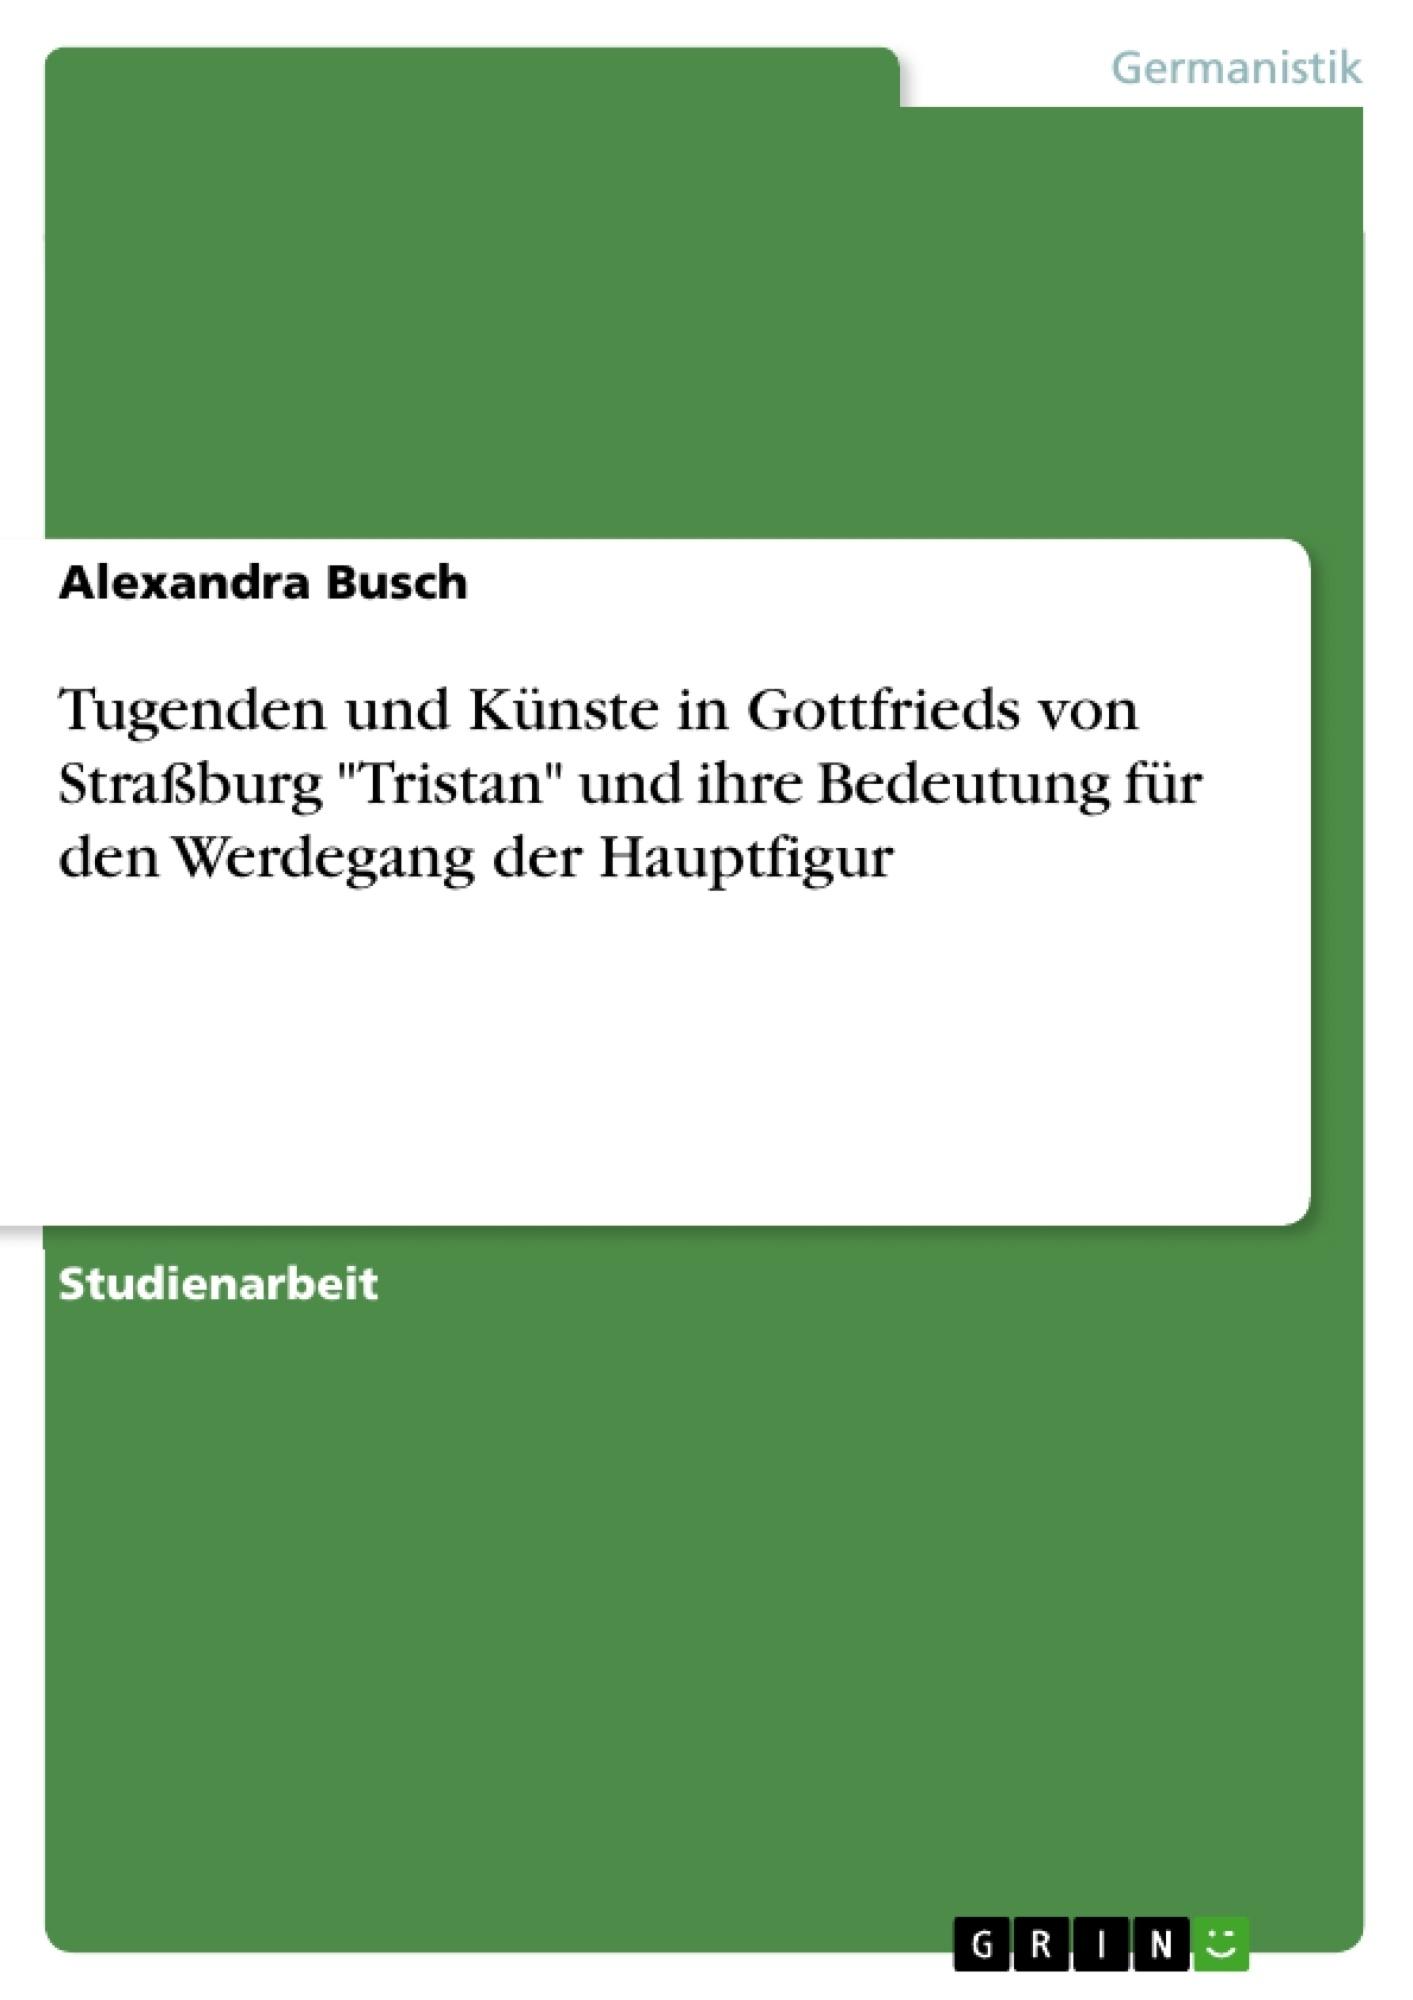 """Titel: Tugenden und Künste in Gottfrieds von Straßburg """"Tristan"""" und ihre Bedeutung für den Werdegang der Hauptfigur"""